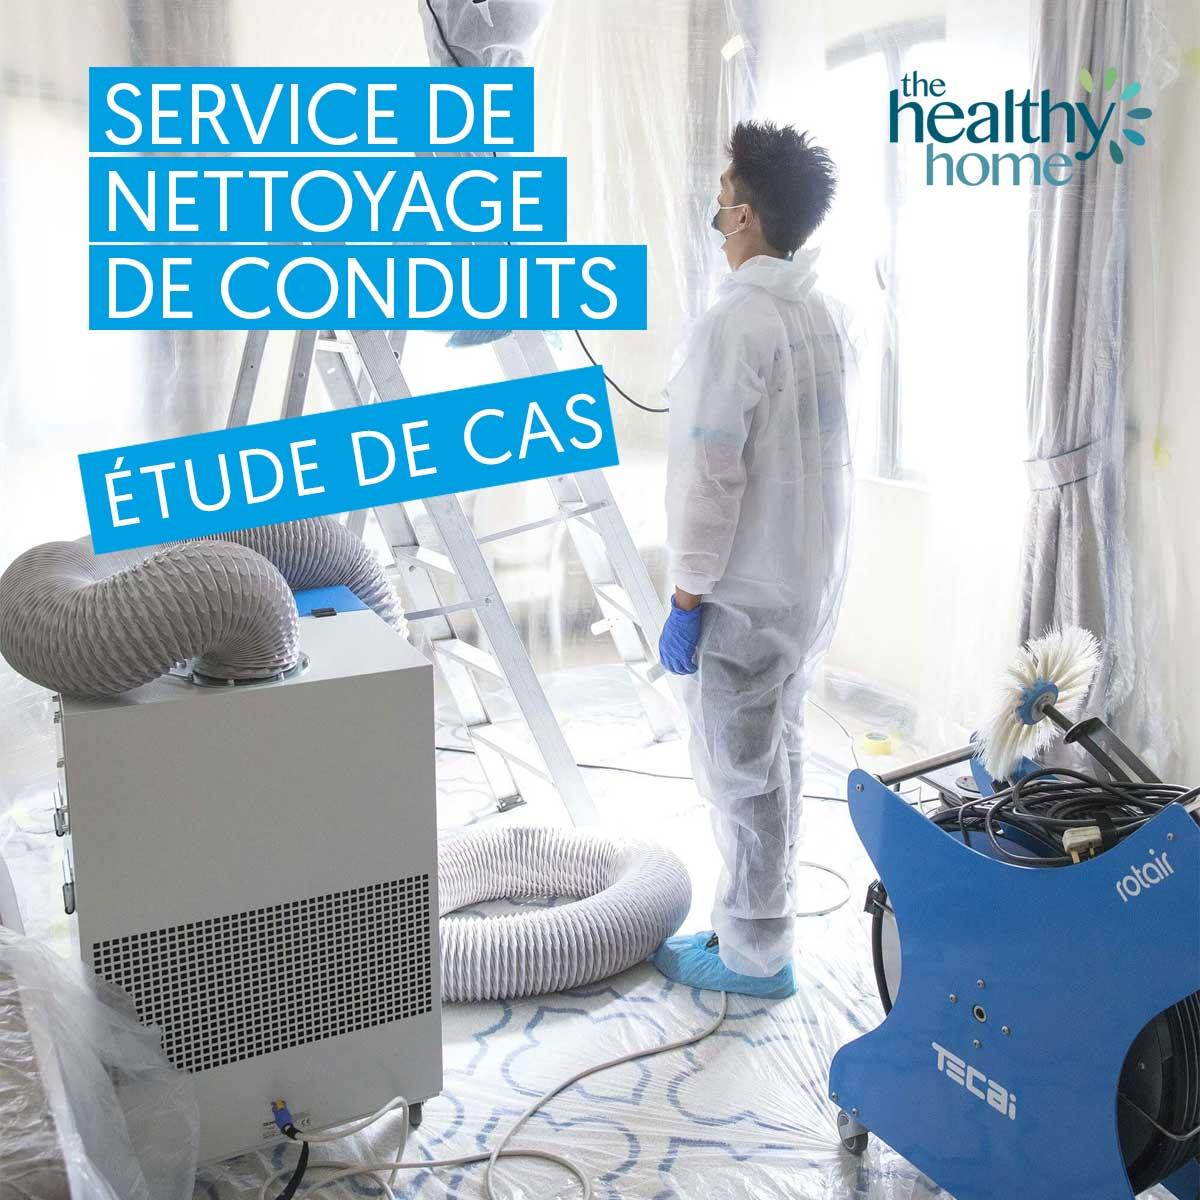 SERVICE DE NETTOYAGE DE CONDUITS